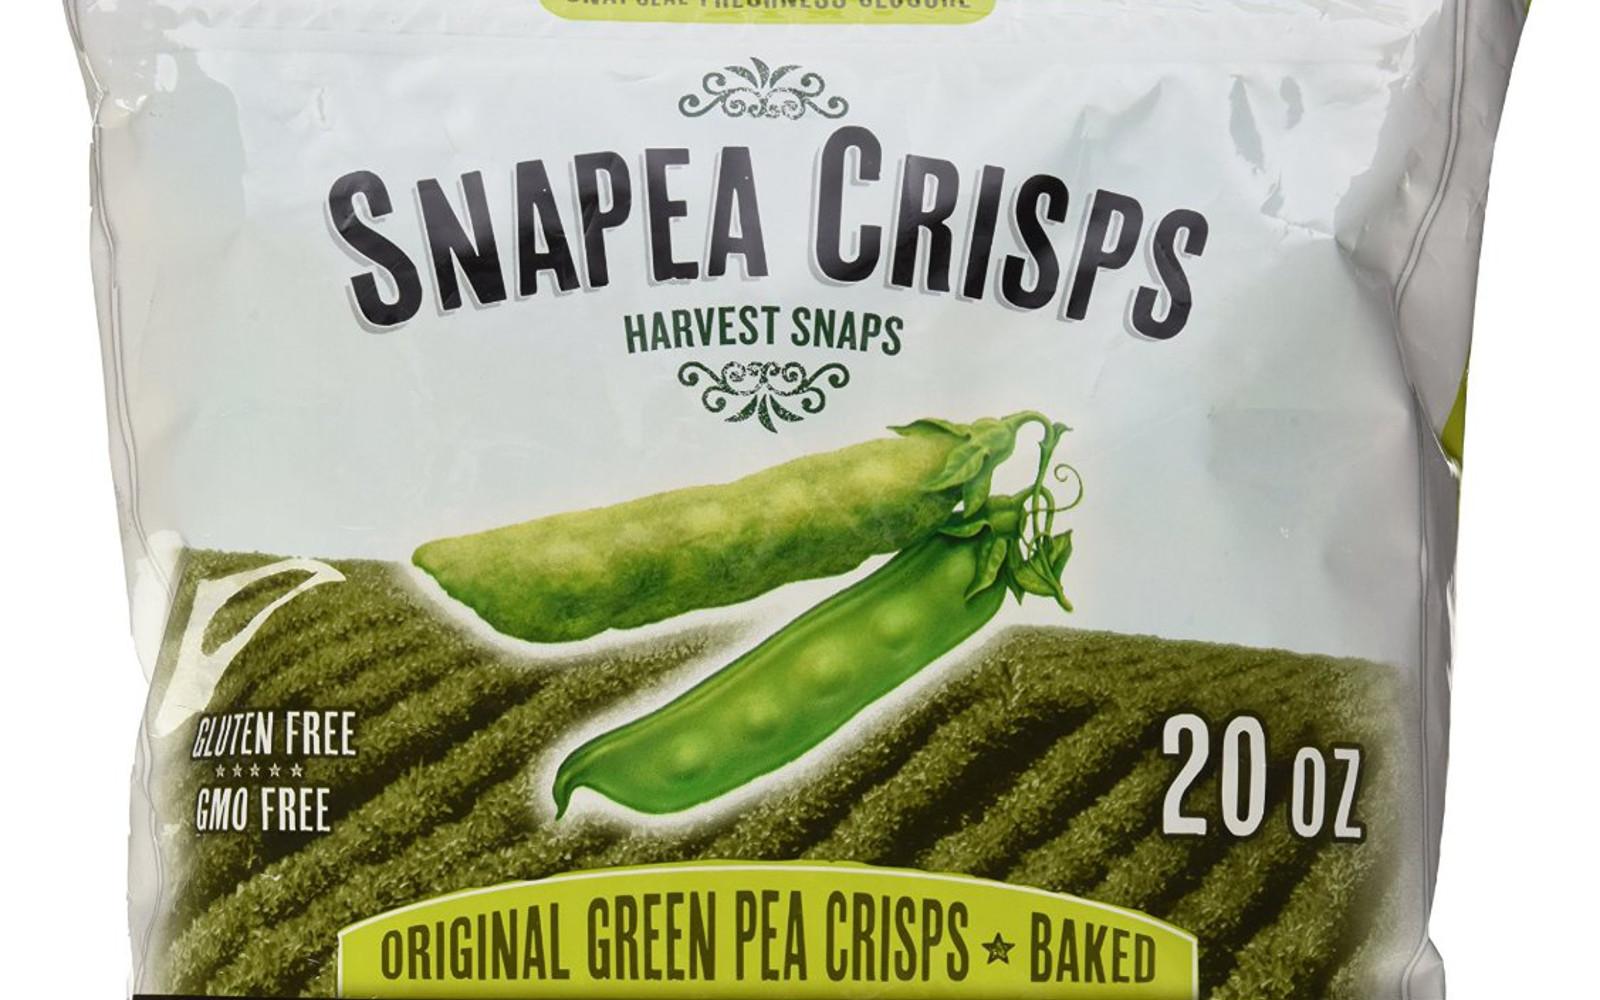 Snappea Crisps